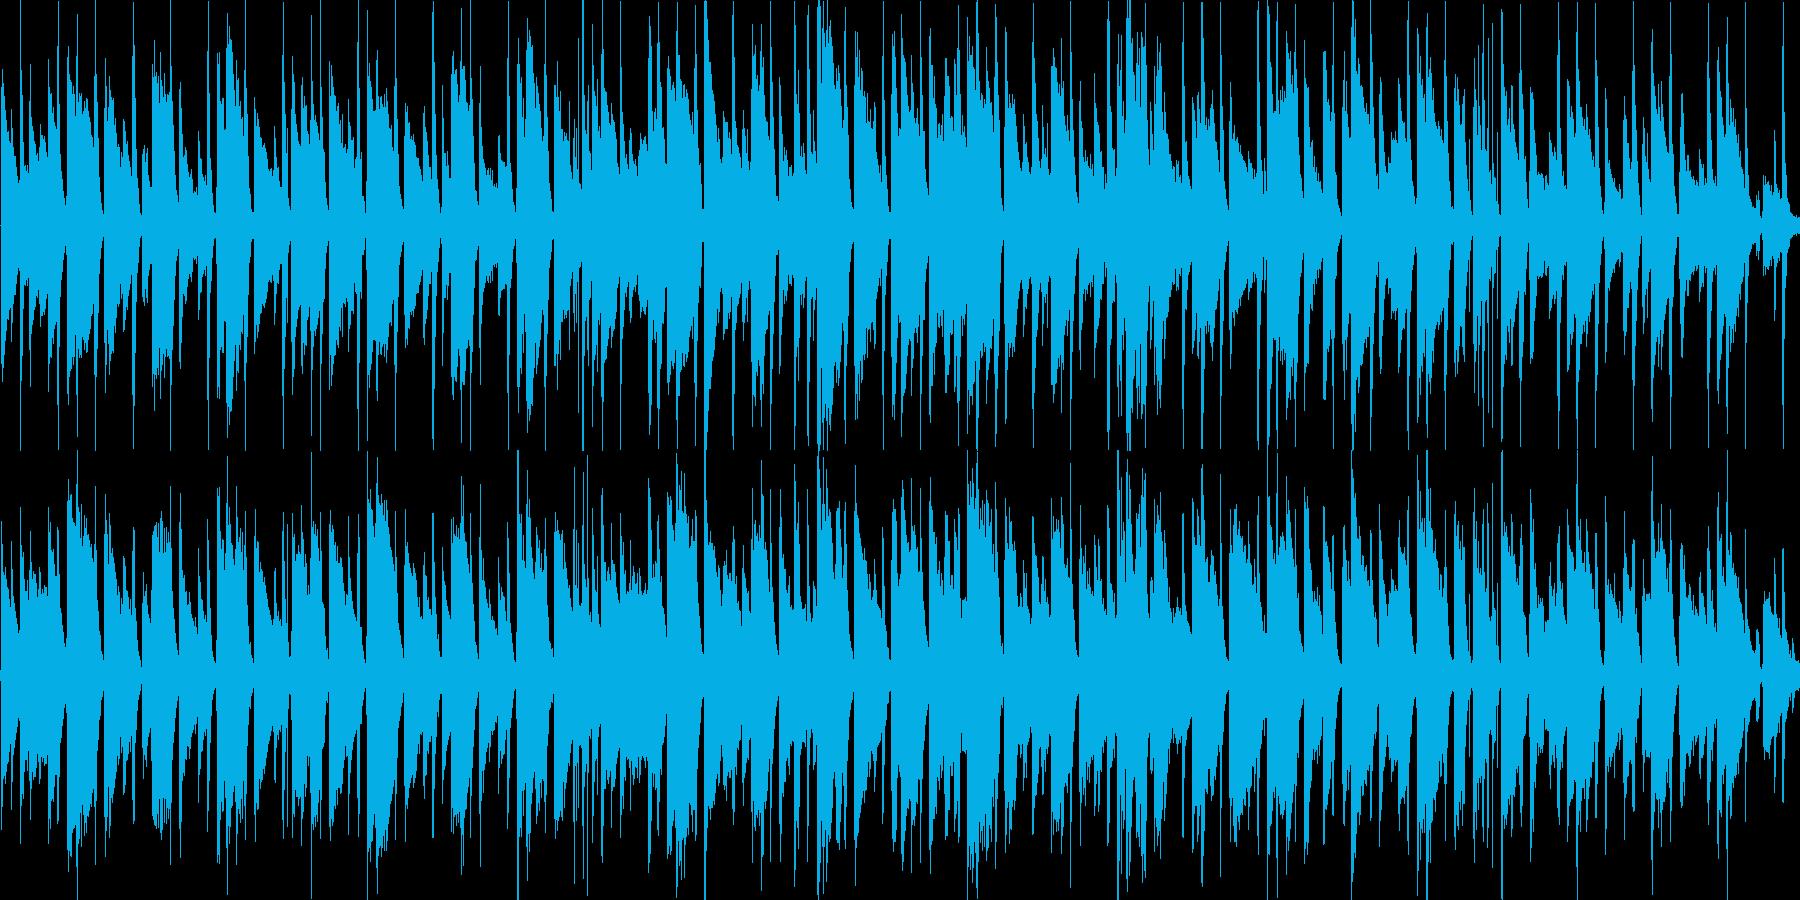 川辺で聴きたいほがらかなアコースティックの再生済みの波形